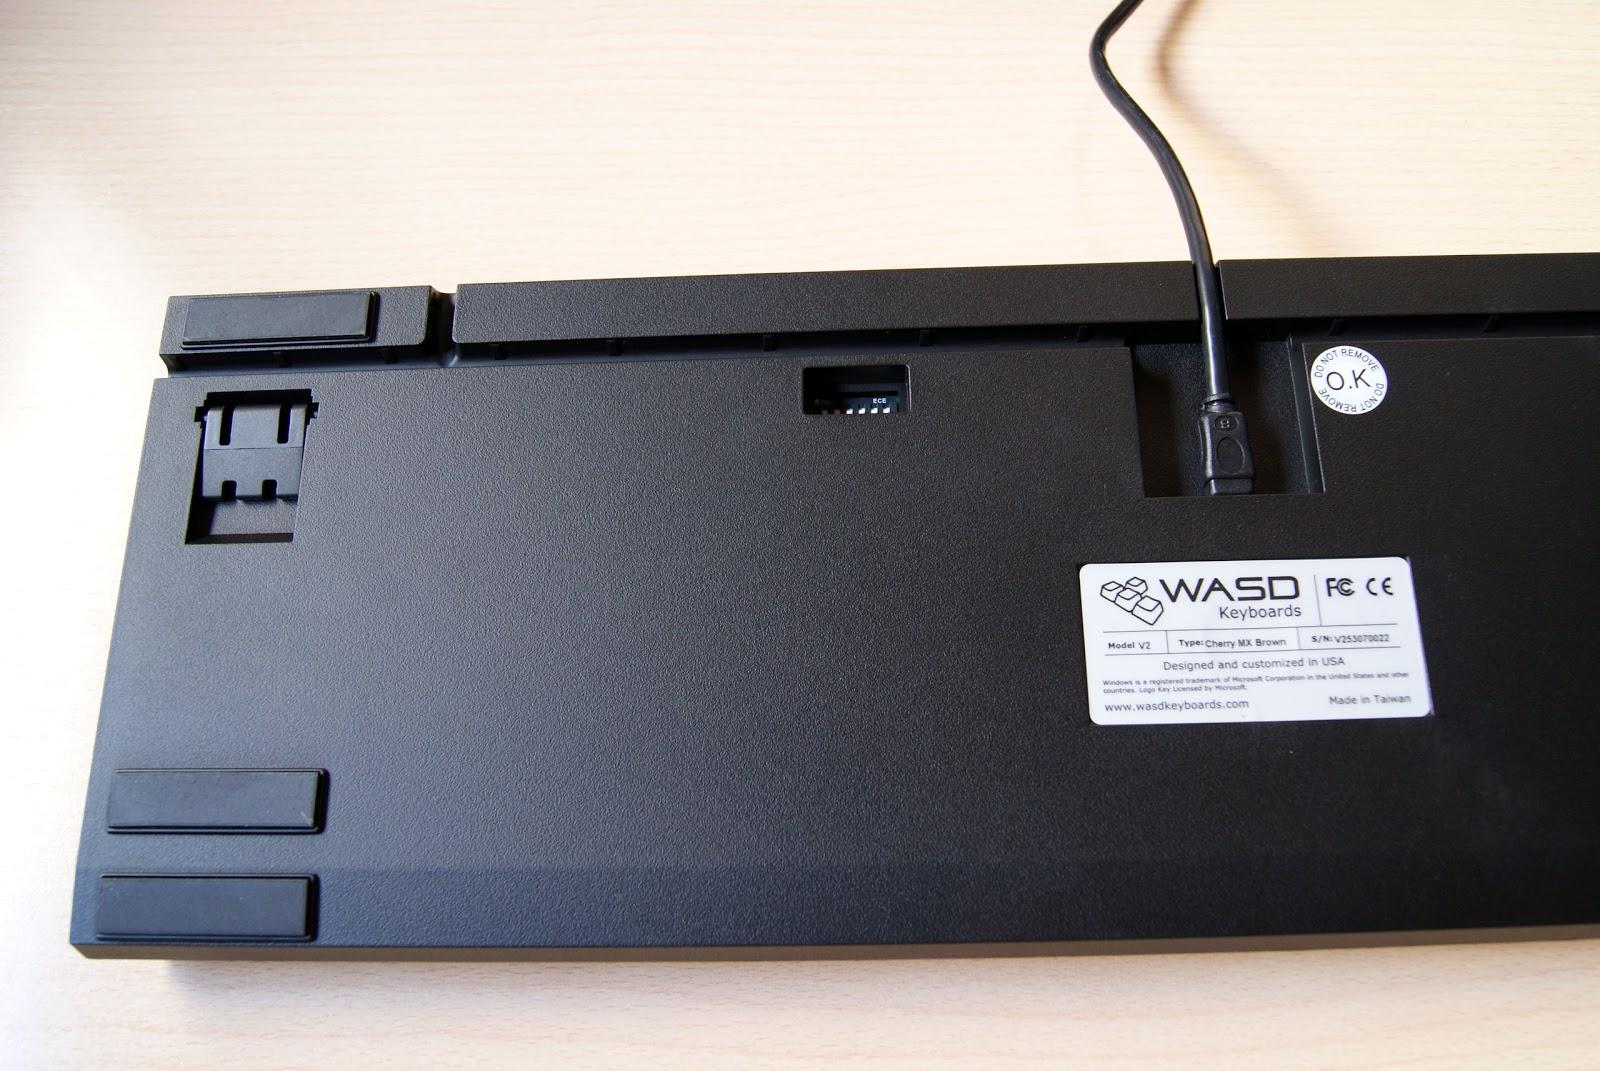 Parte trasera del teclado WASD V2, interruptores DIP para configurarlo